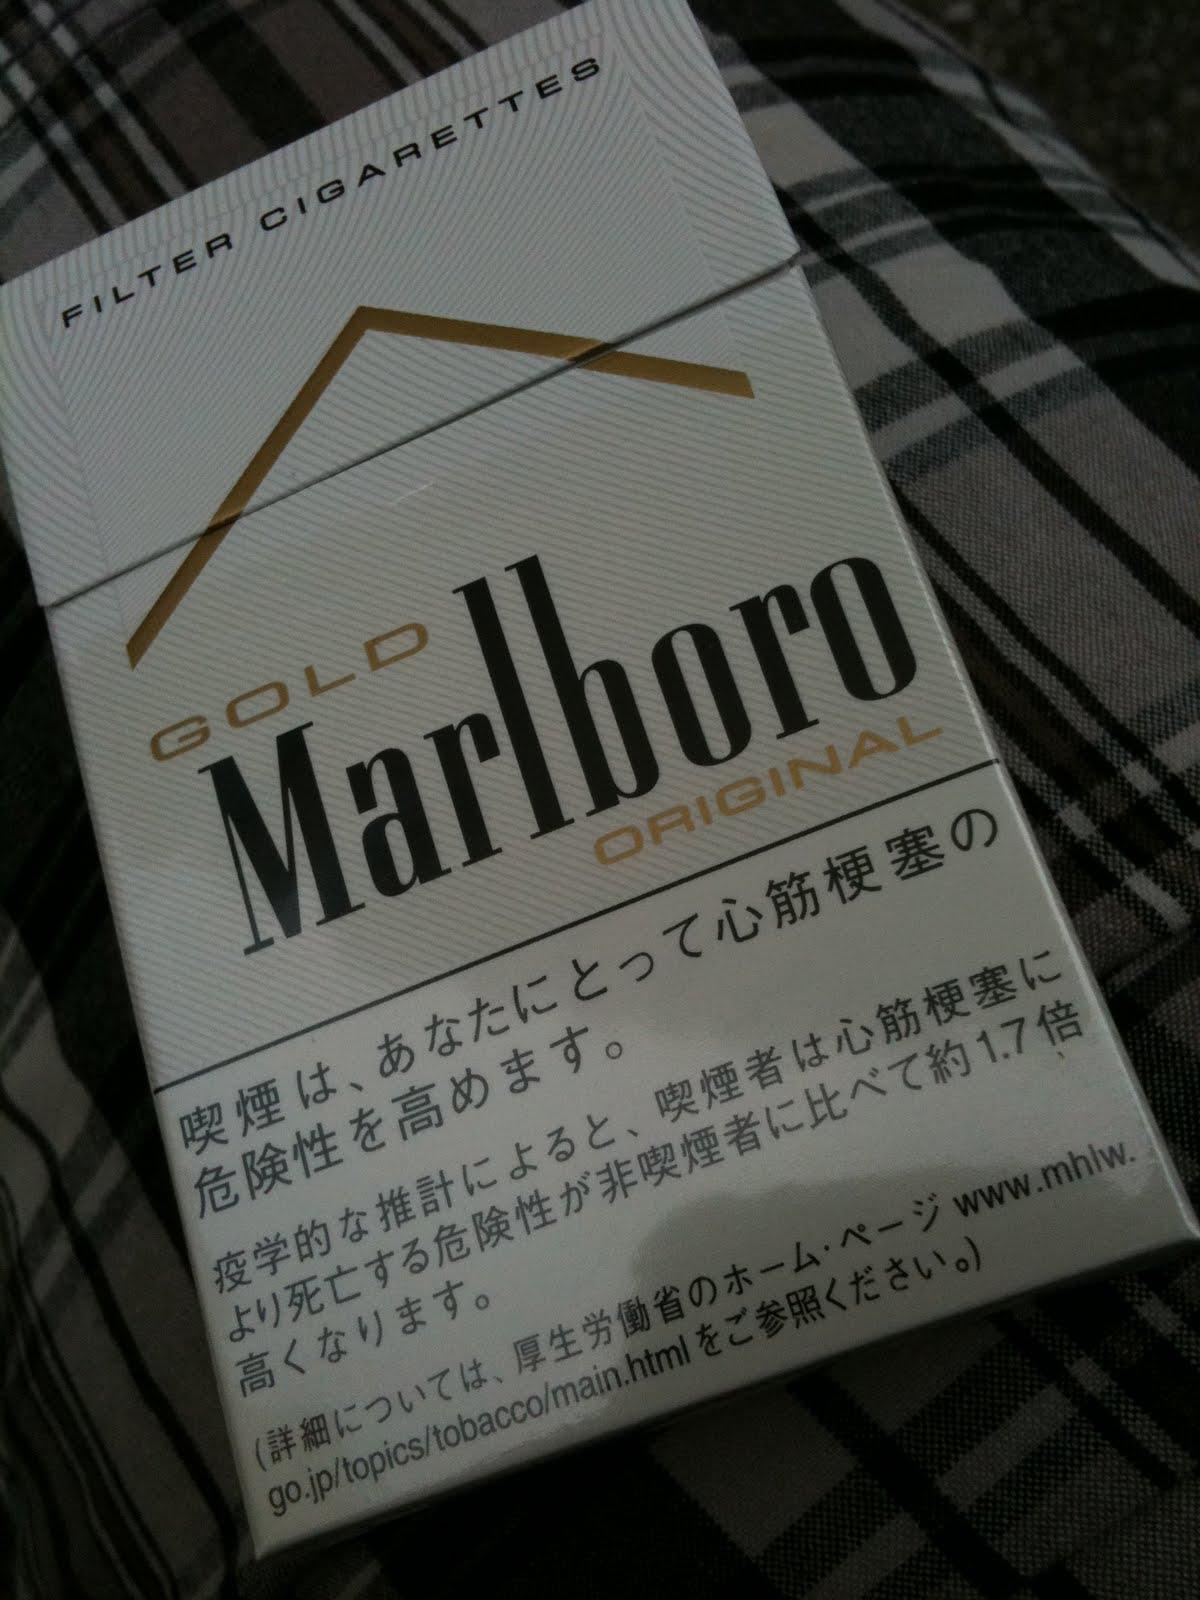 Ontario hst cigarettes Marlboro